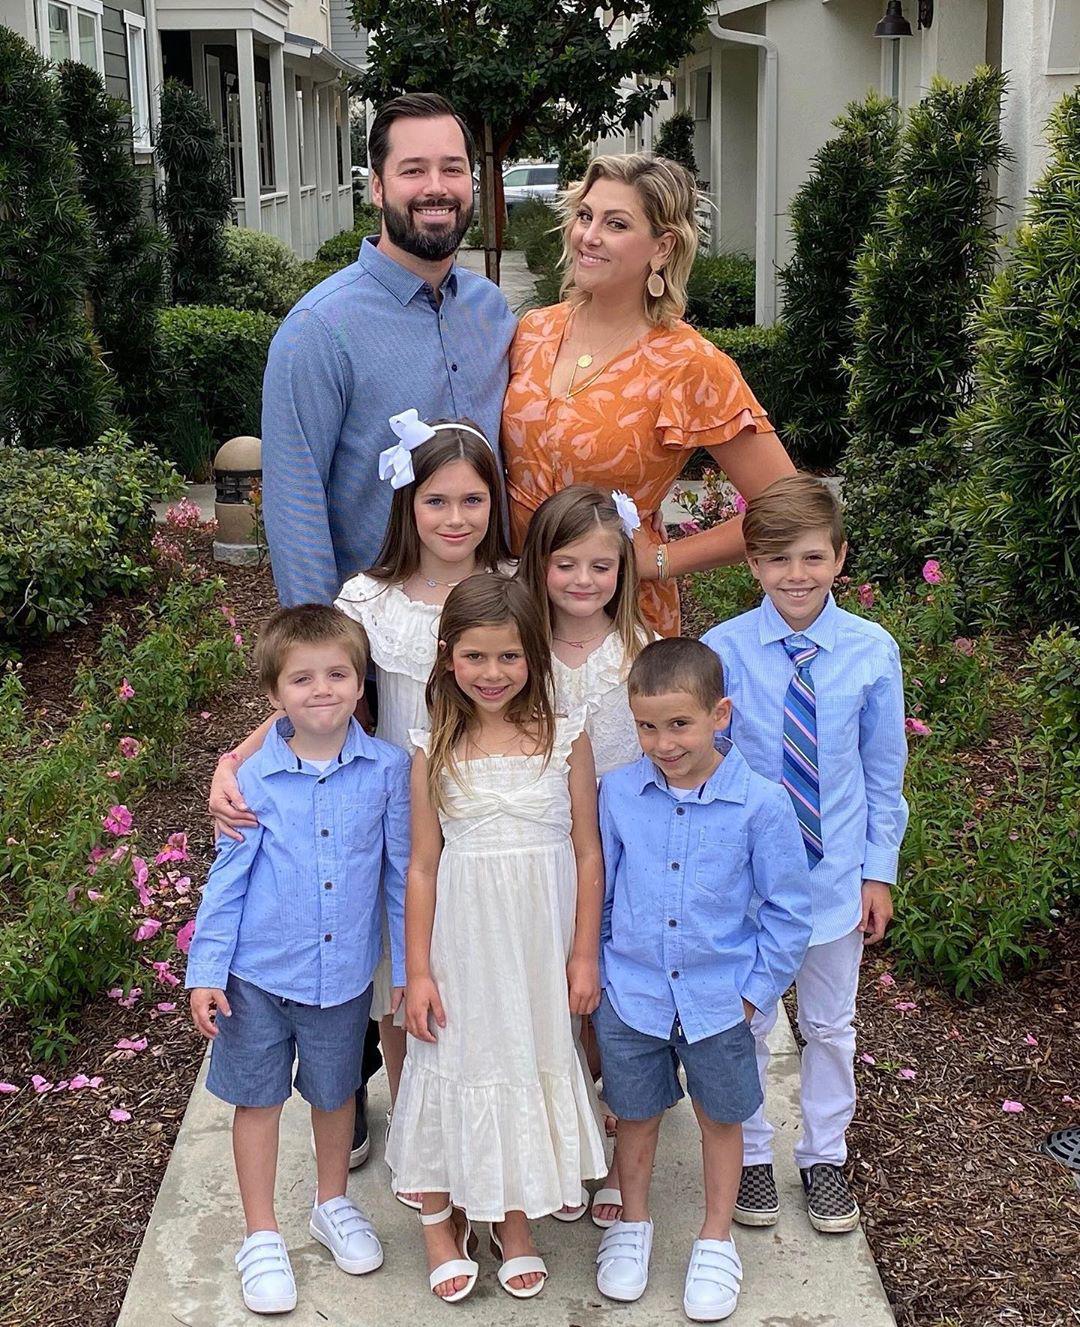 RHOC Gina Kirschenheiter Quarantines With Boyfriend 6 Kids